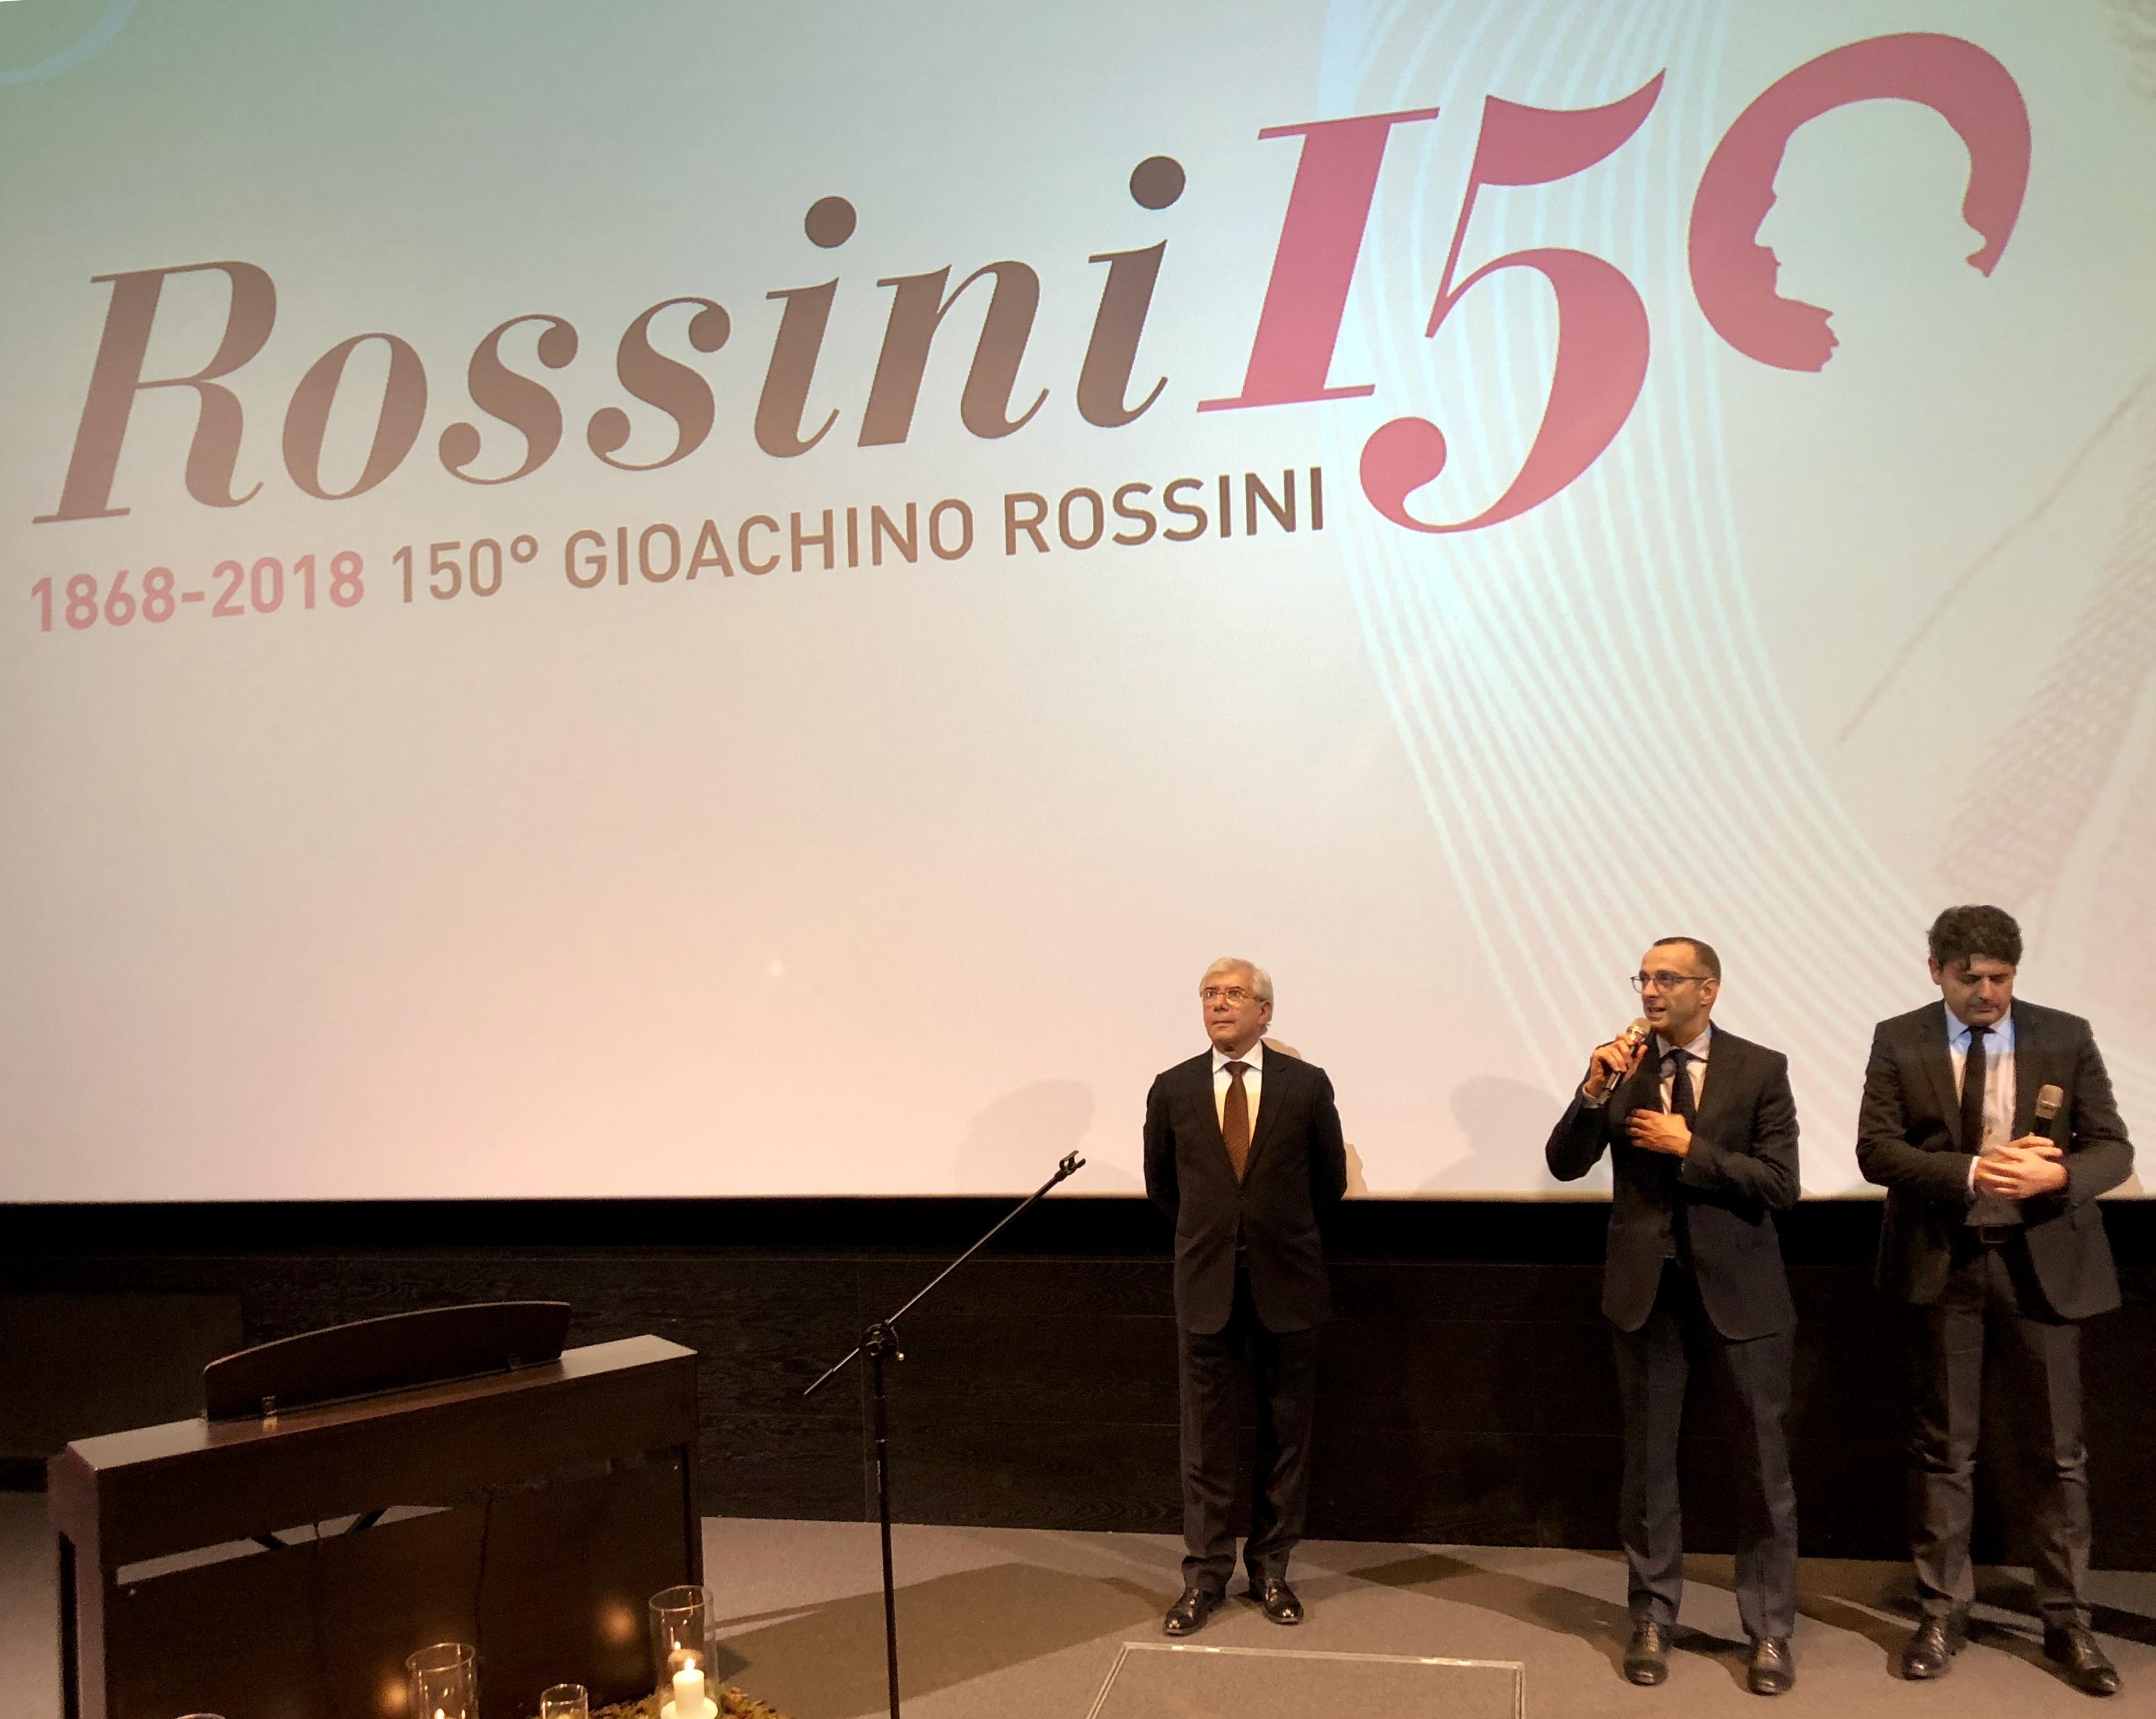 """""""Mangiare e amare, cantare e digerire"""", una serata ad alta quota nel nome di Rossini"""